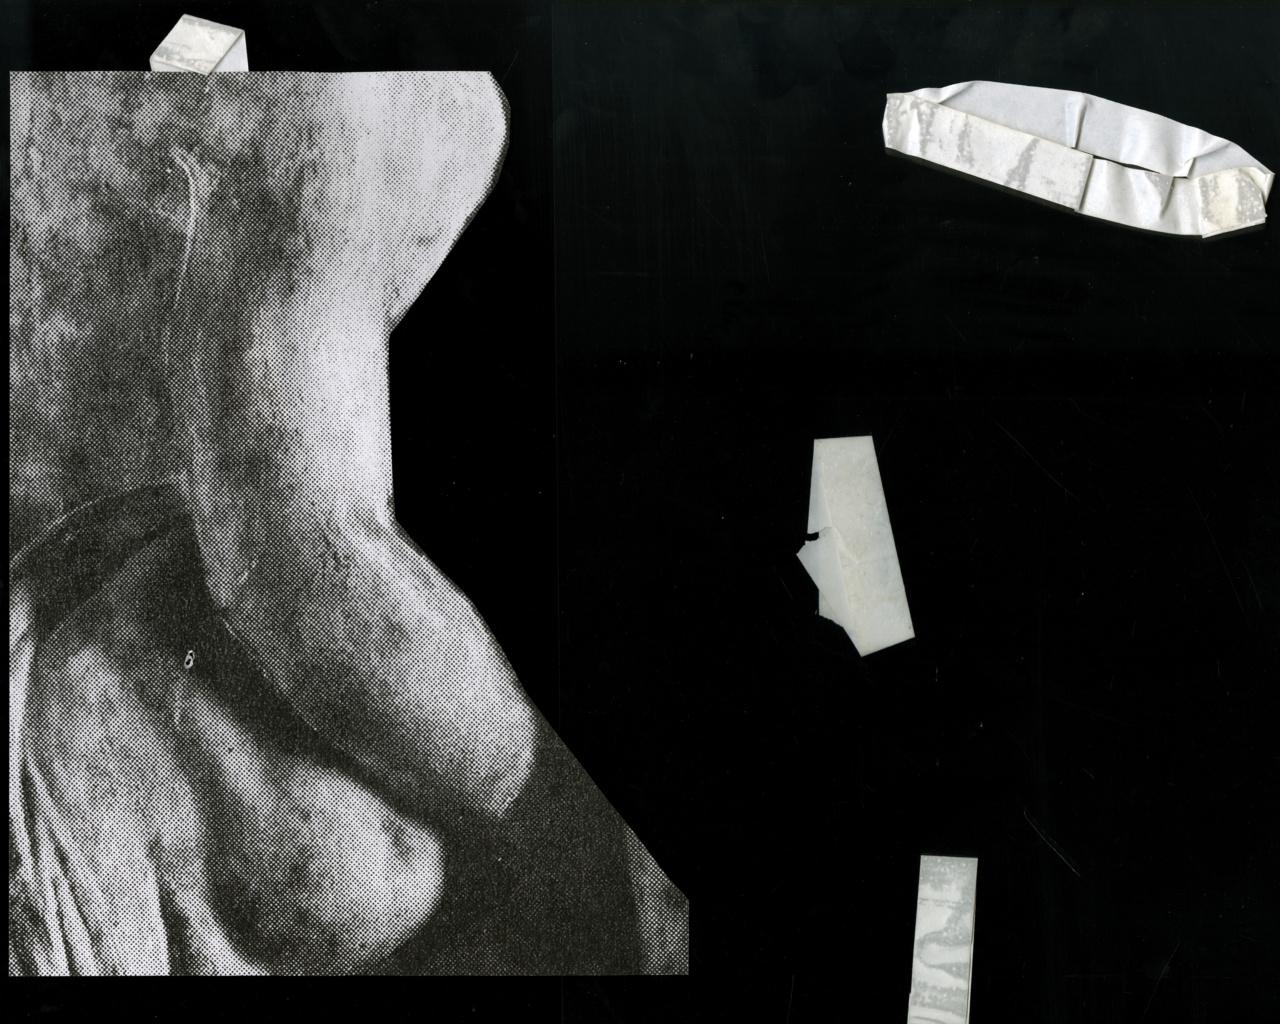 Jackson Klie, Together/ Apart - 1, 2019. Inkjet print.